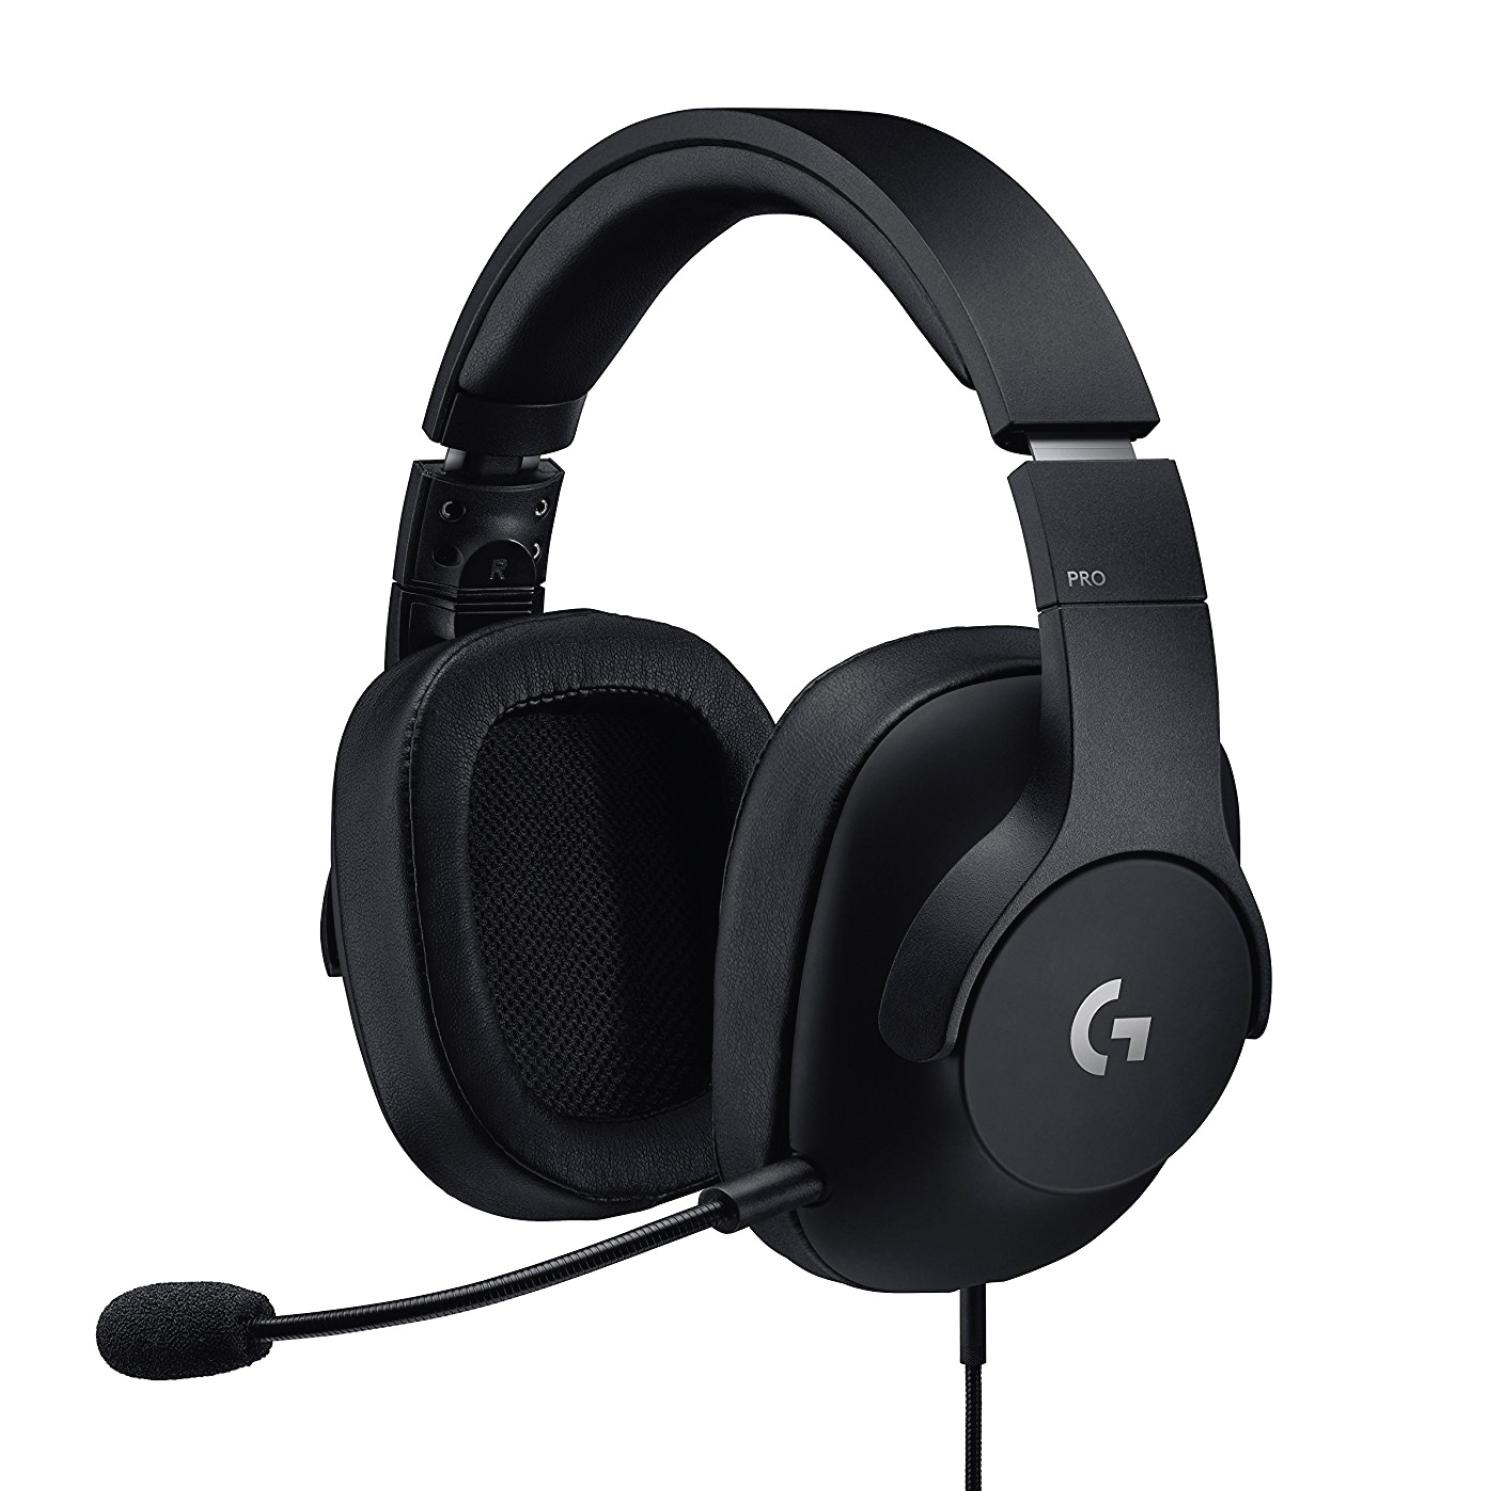 로지텍 서라운드사운드 게임 헤드셋(G933 G633 G533 G PRO)유 무선 새상품 정품 미국직배송, 블랙(유선), G Pro